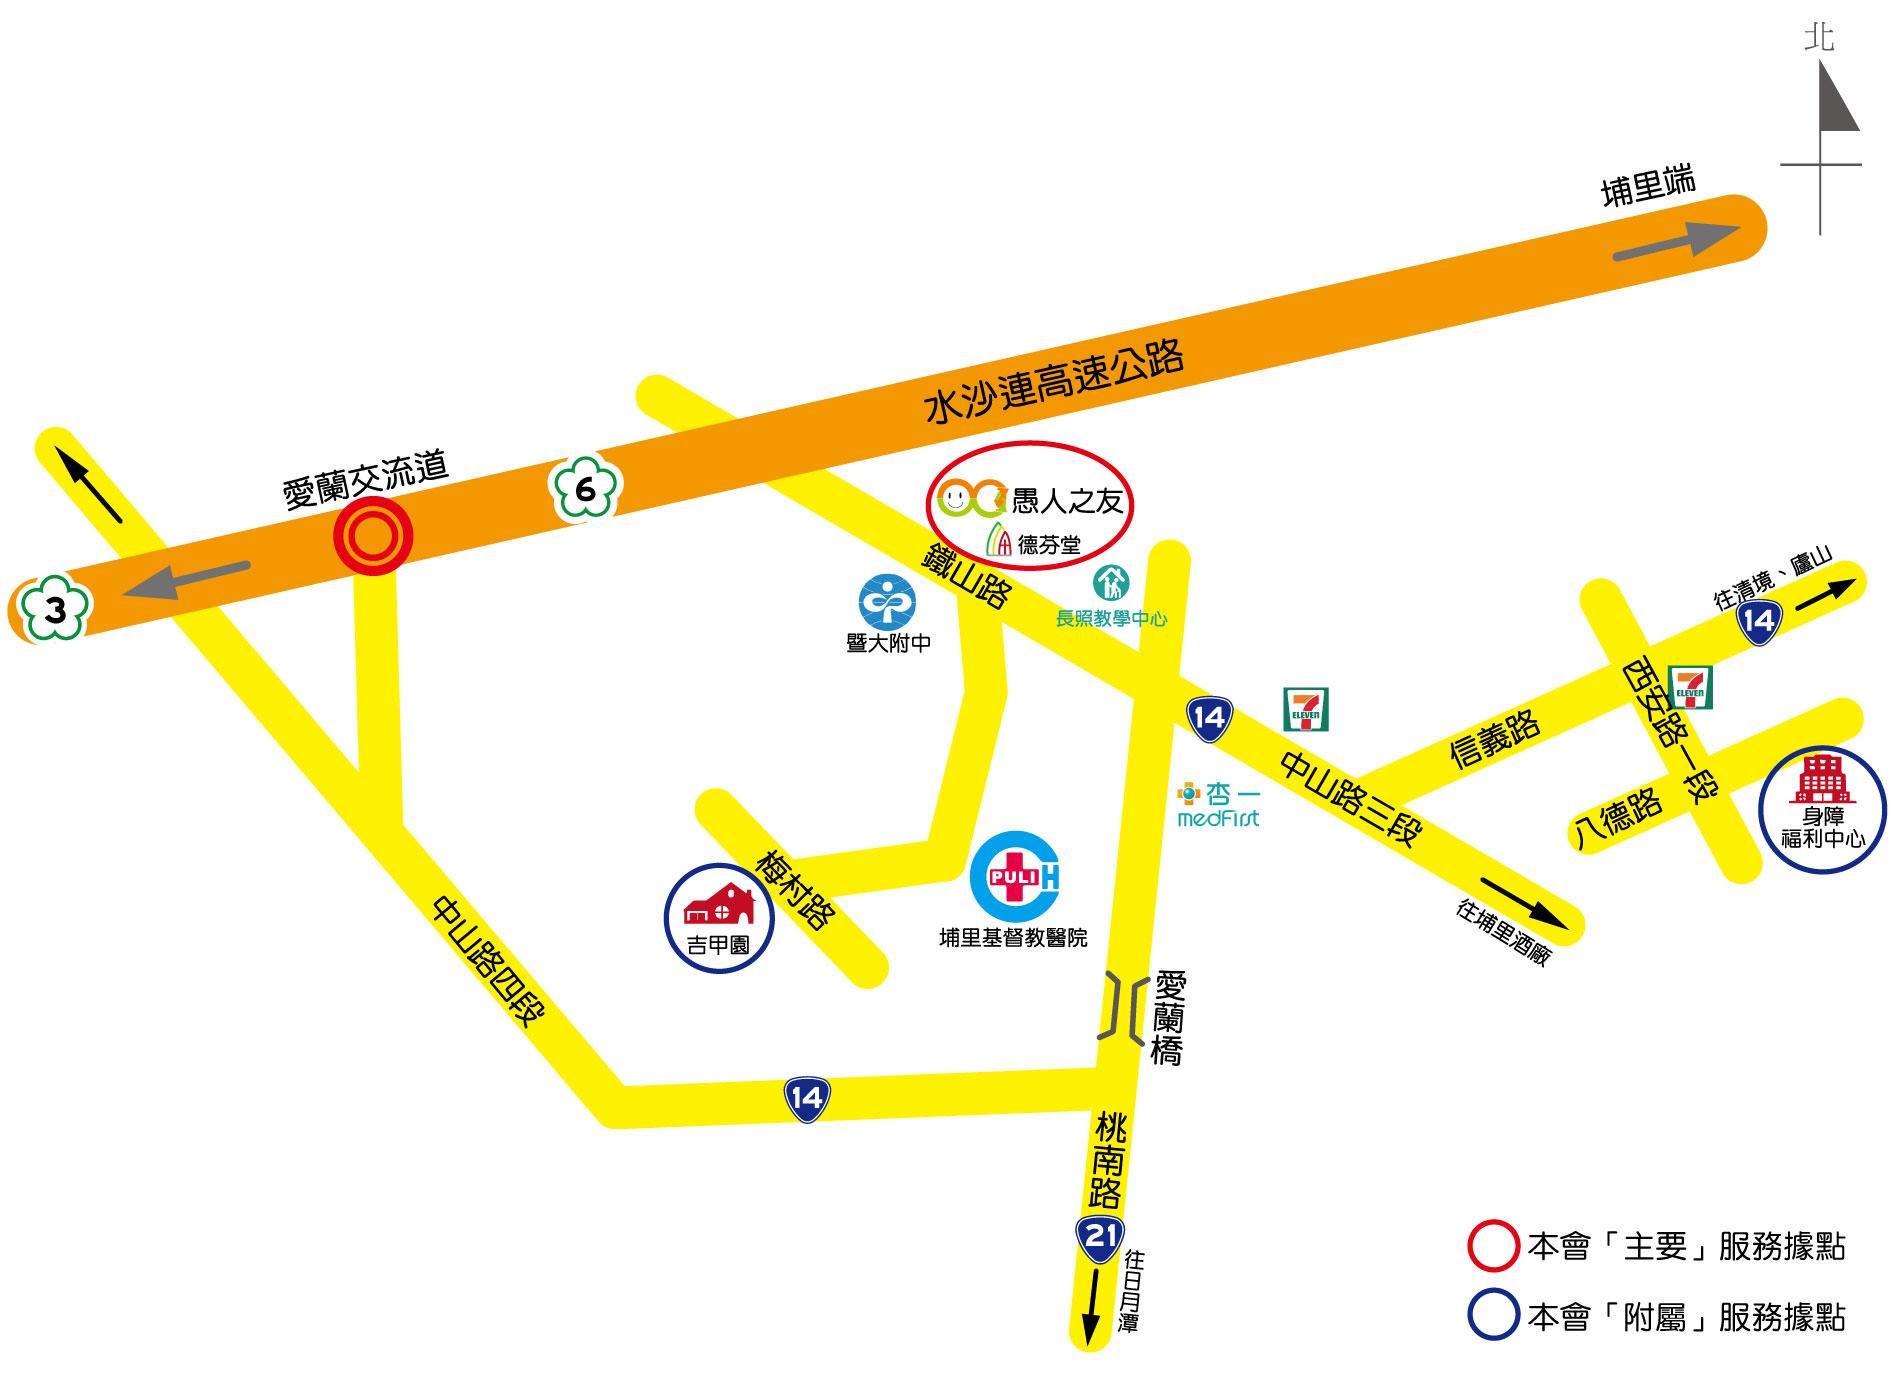 qi-map.jpg